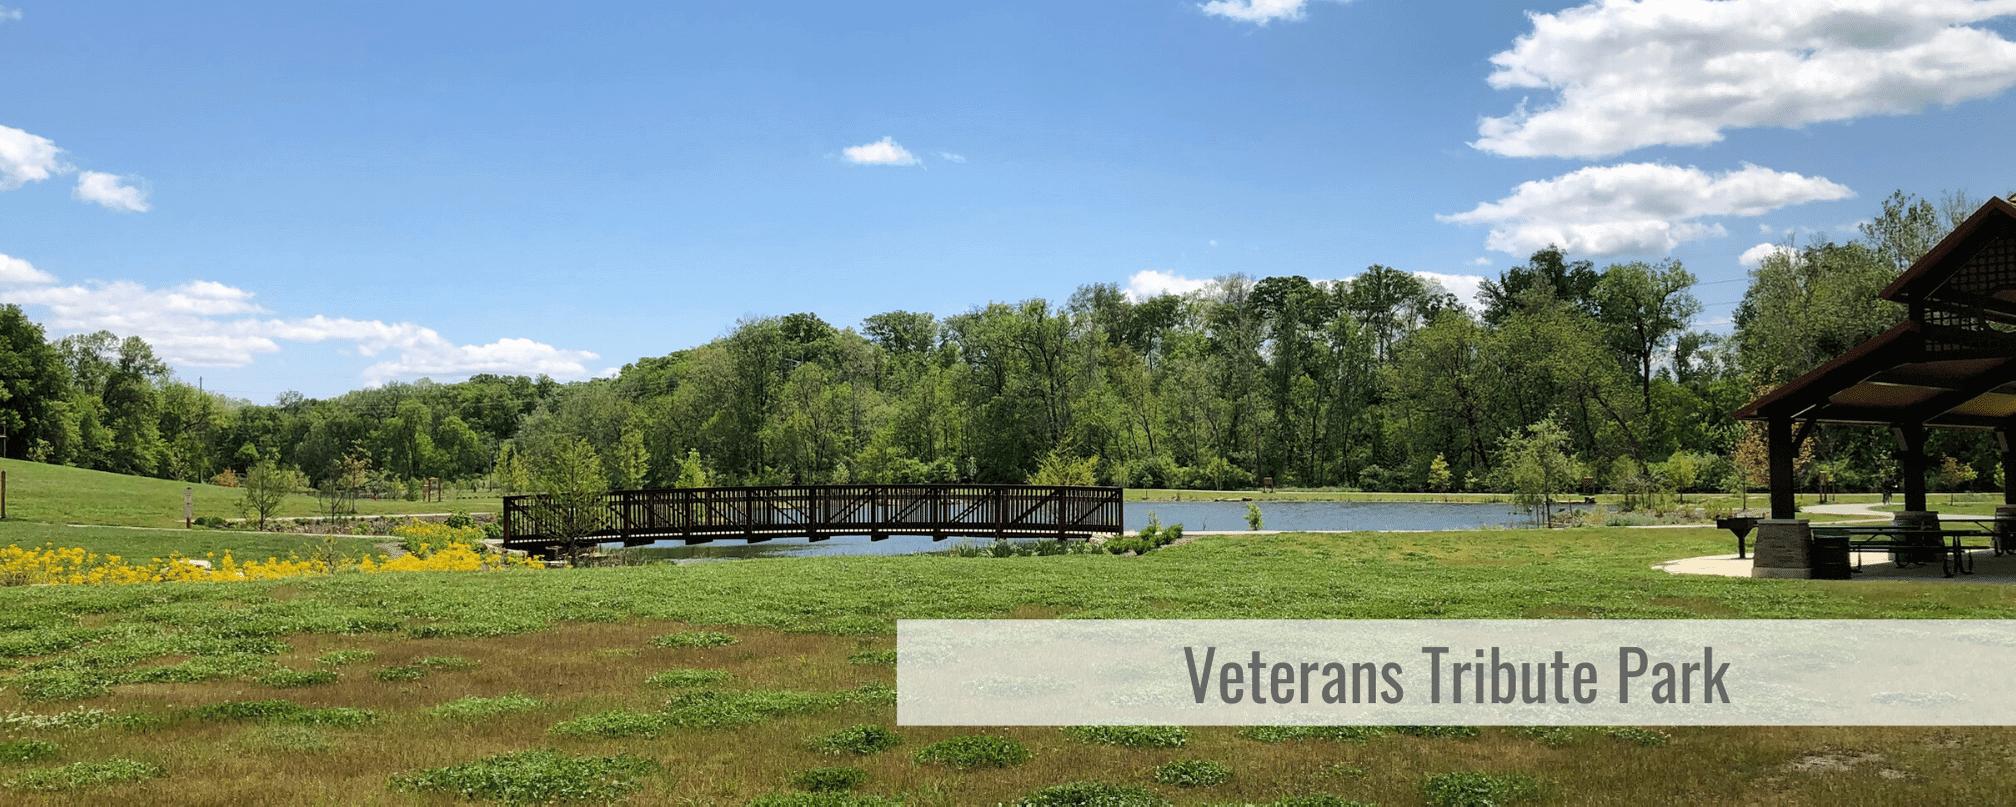 Veterans Tribute Park Weldon Spring